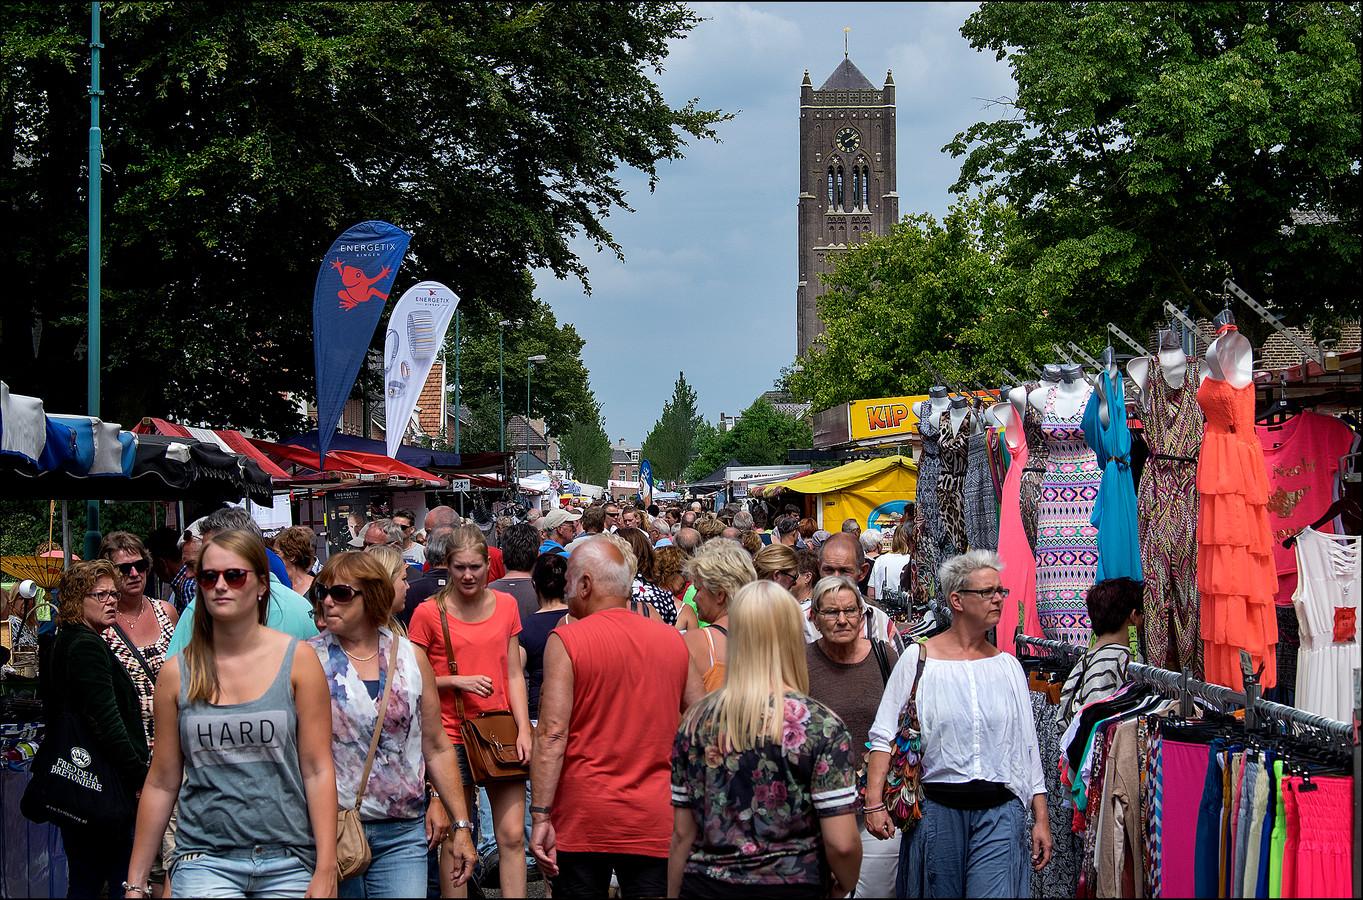 Druk is het altijd op de Vakantiejaarmarkt in Mill. Door de hitte neemt het bezoekersaantal wel af, is de verwachting.